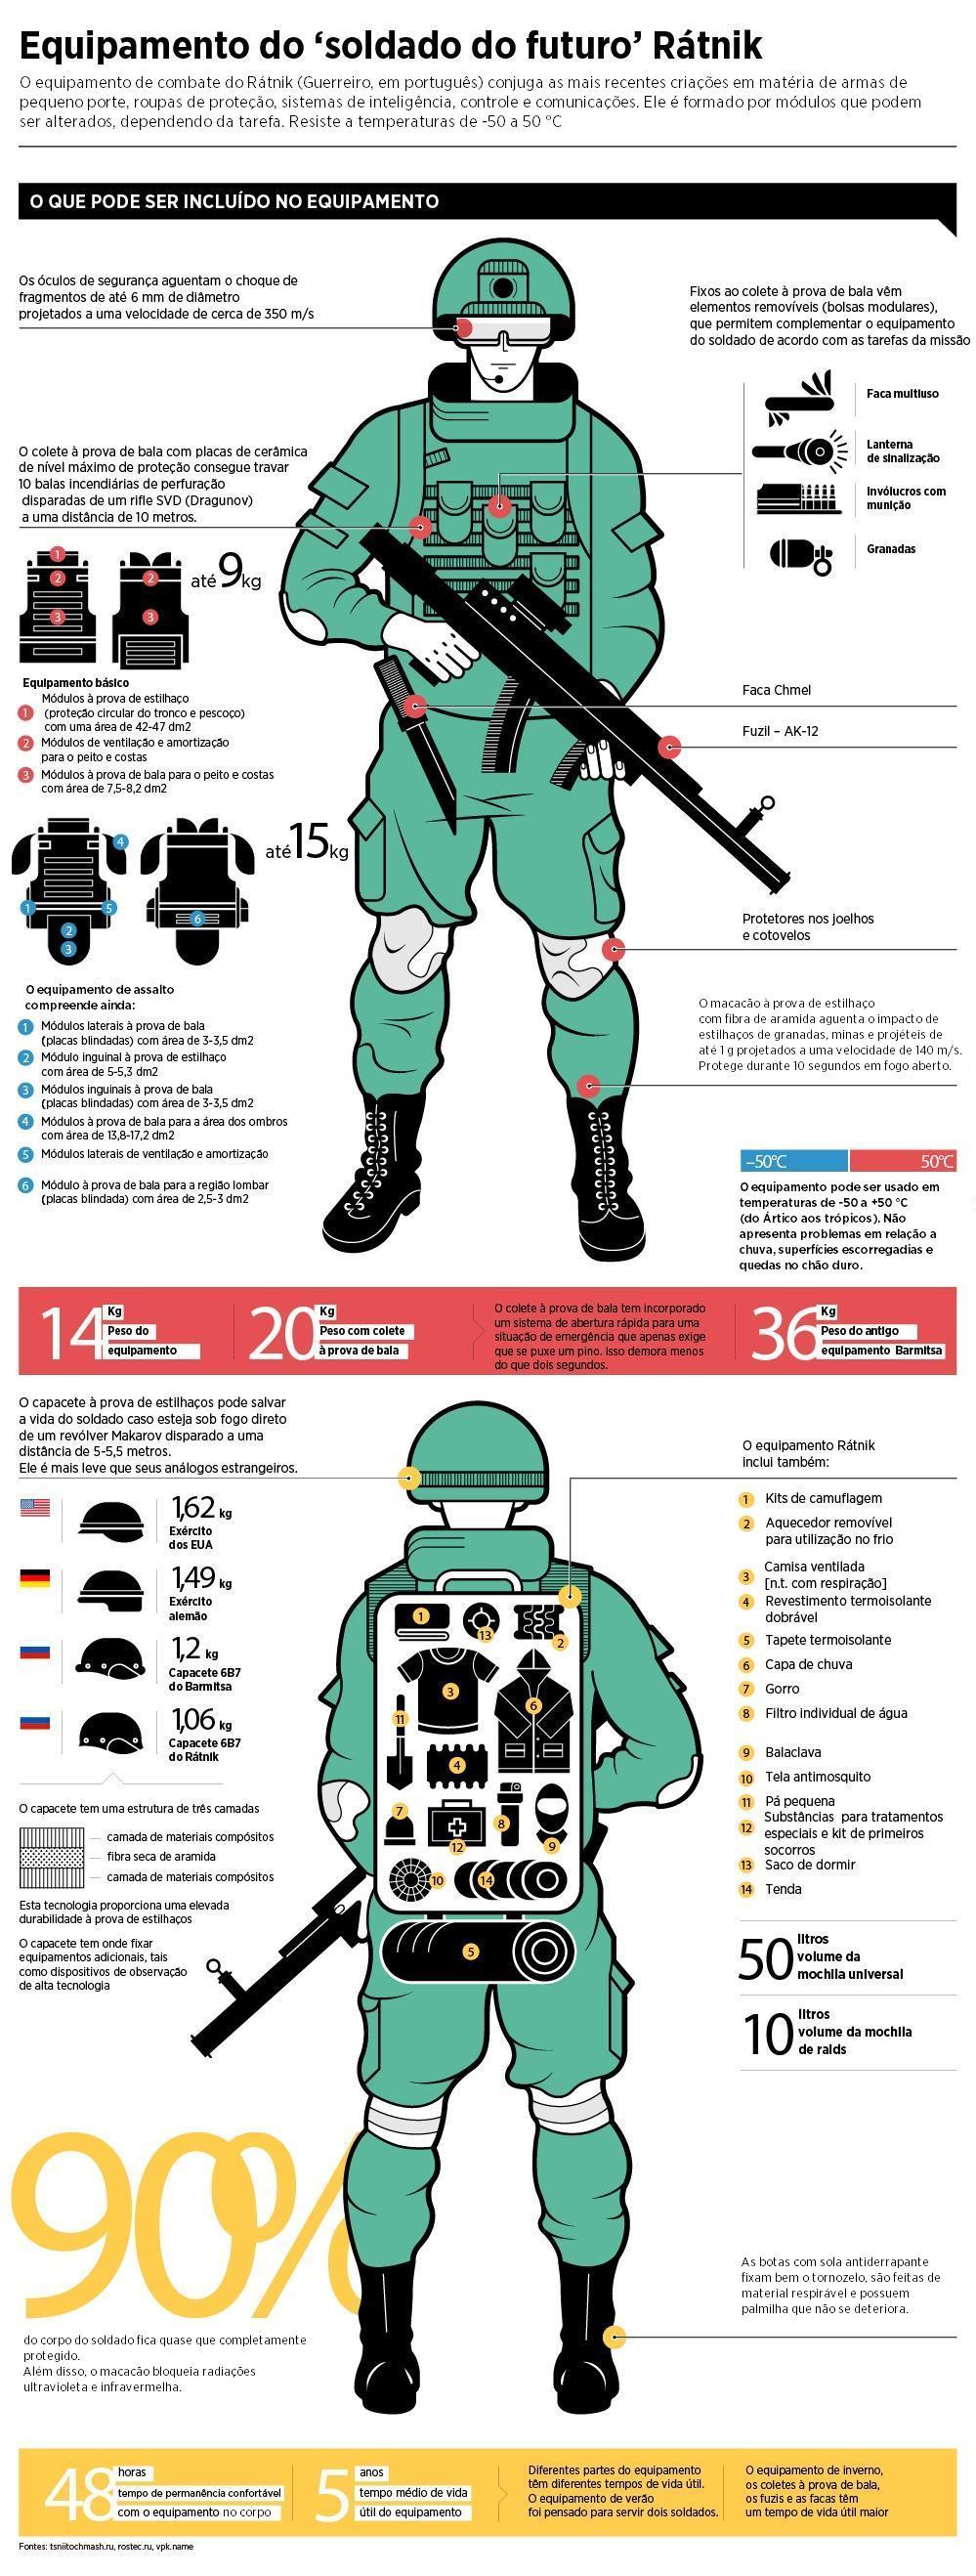 Infográfico: Ígor Rôzin